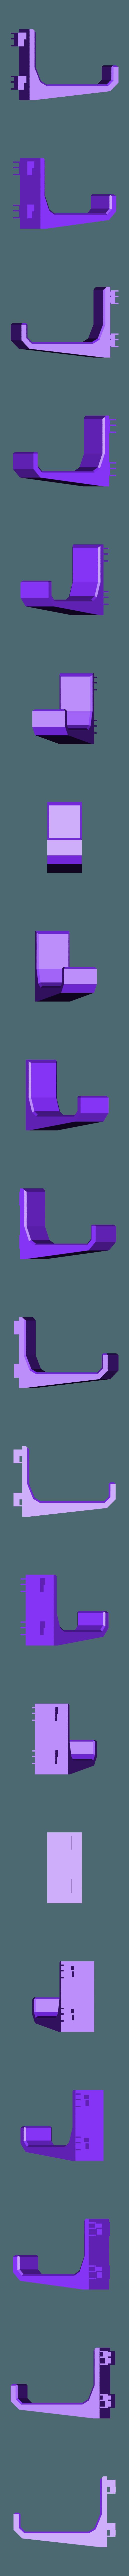 whs_hook_no_logo.stl Download free STL file Rack hook • 3D print template, marigu